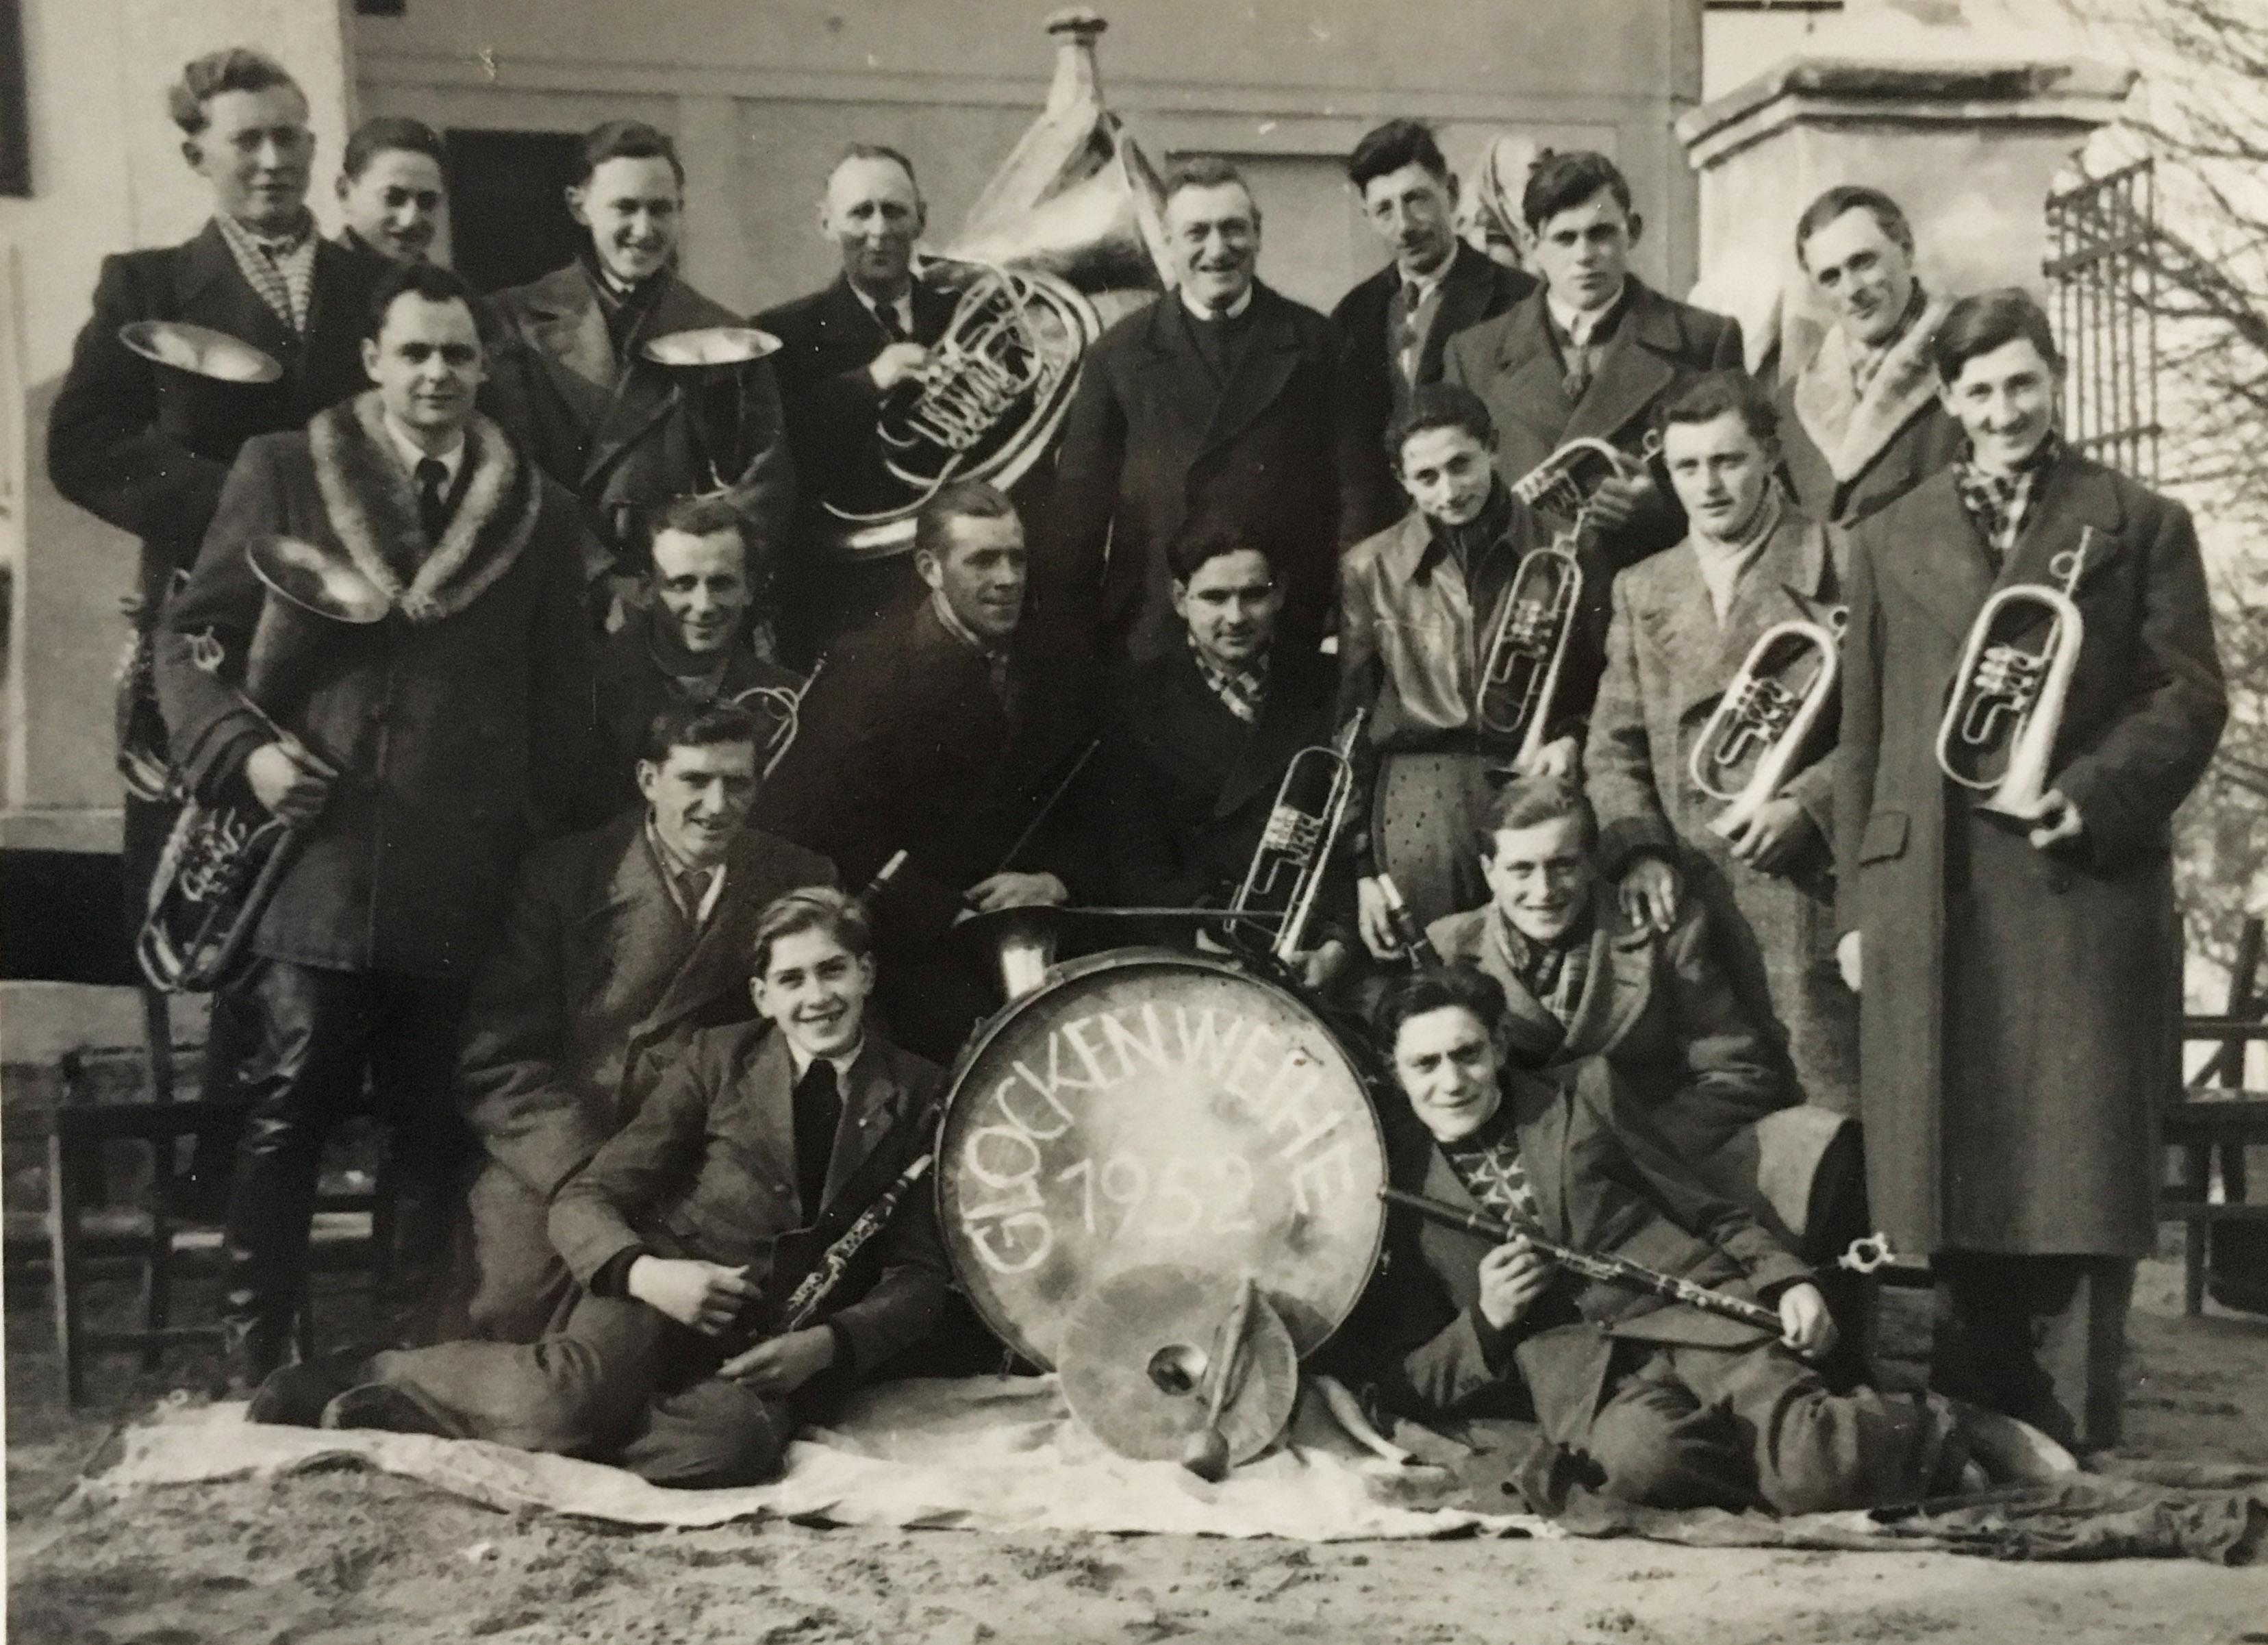 Glockenweihe, 1952